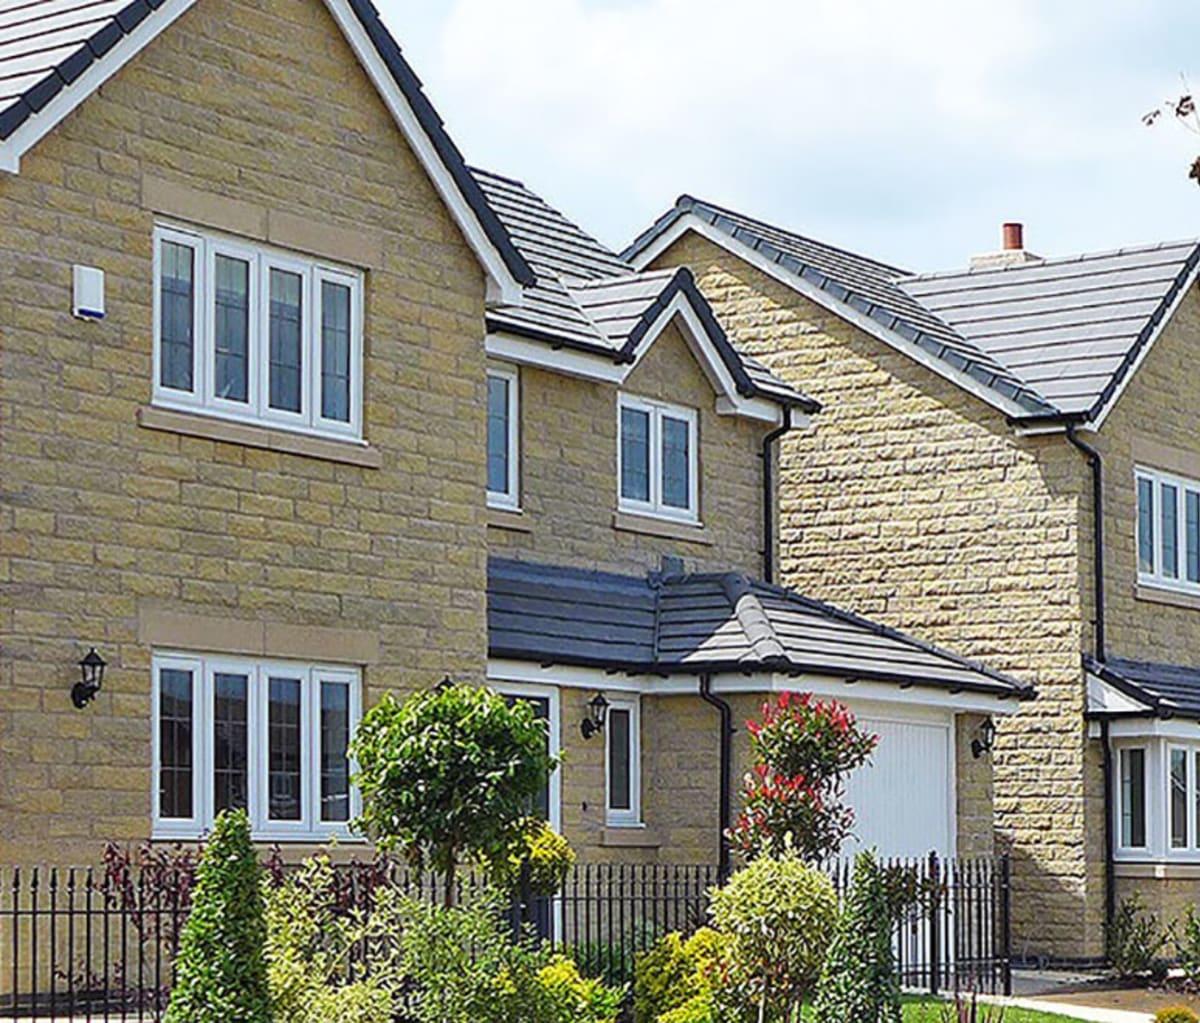 Housing development in High Peak, Derbyshire